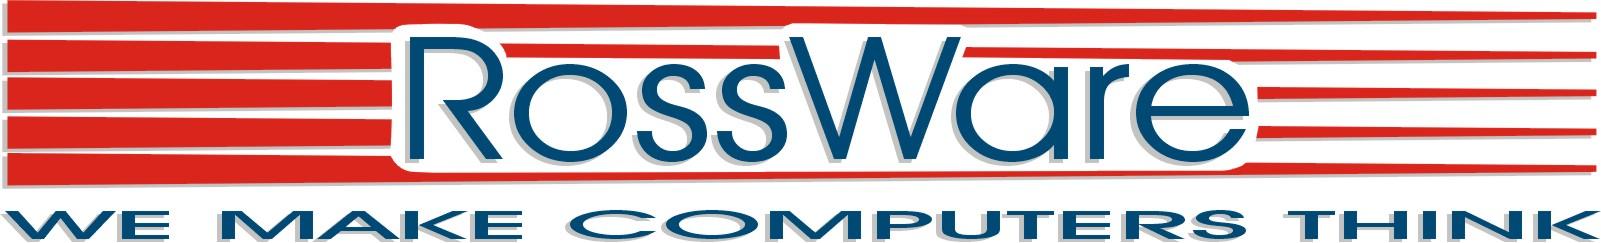 Rossware Web Site